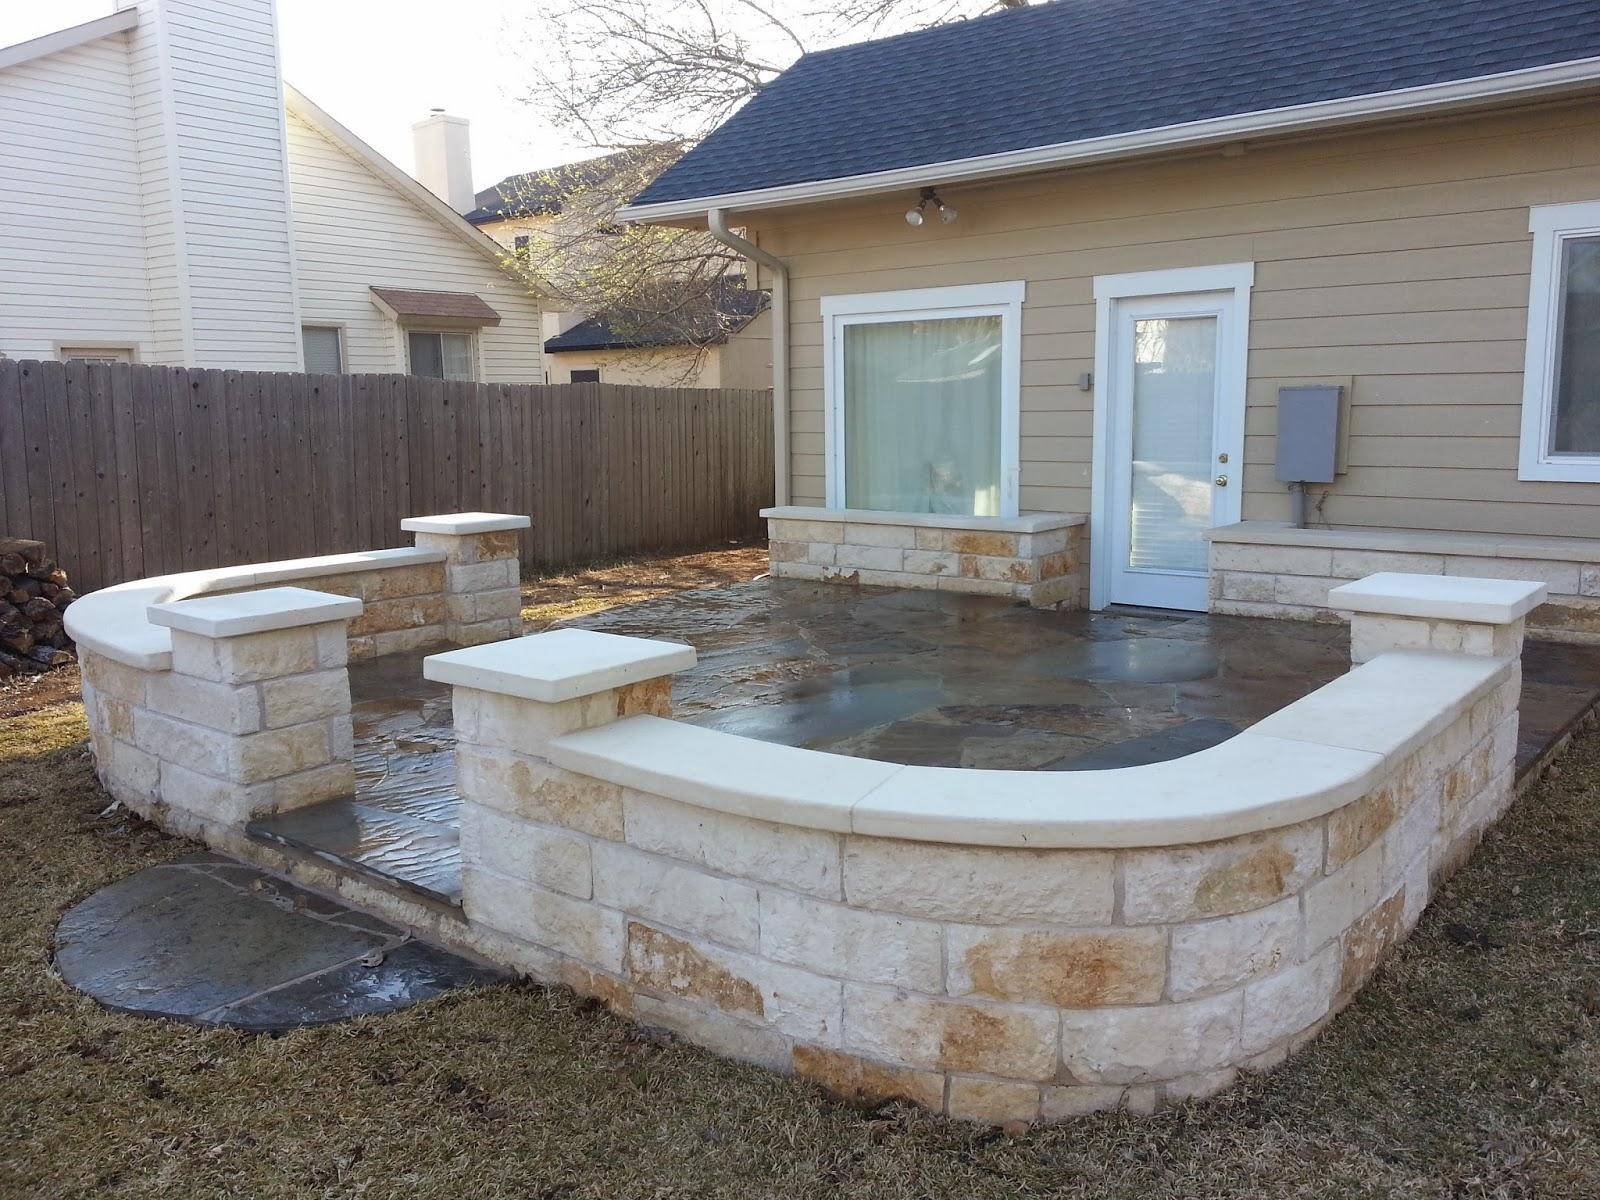 Oklahoma Patio Stone, Stone Wall